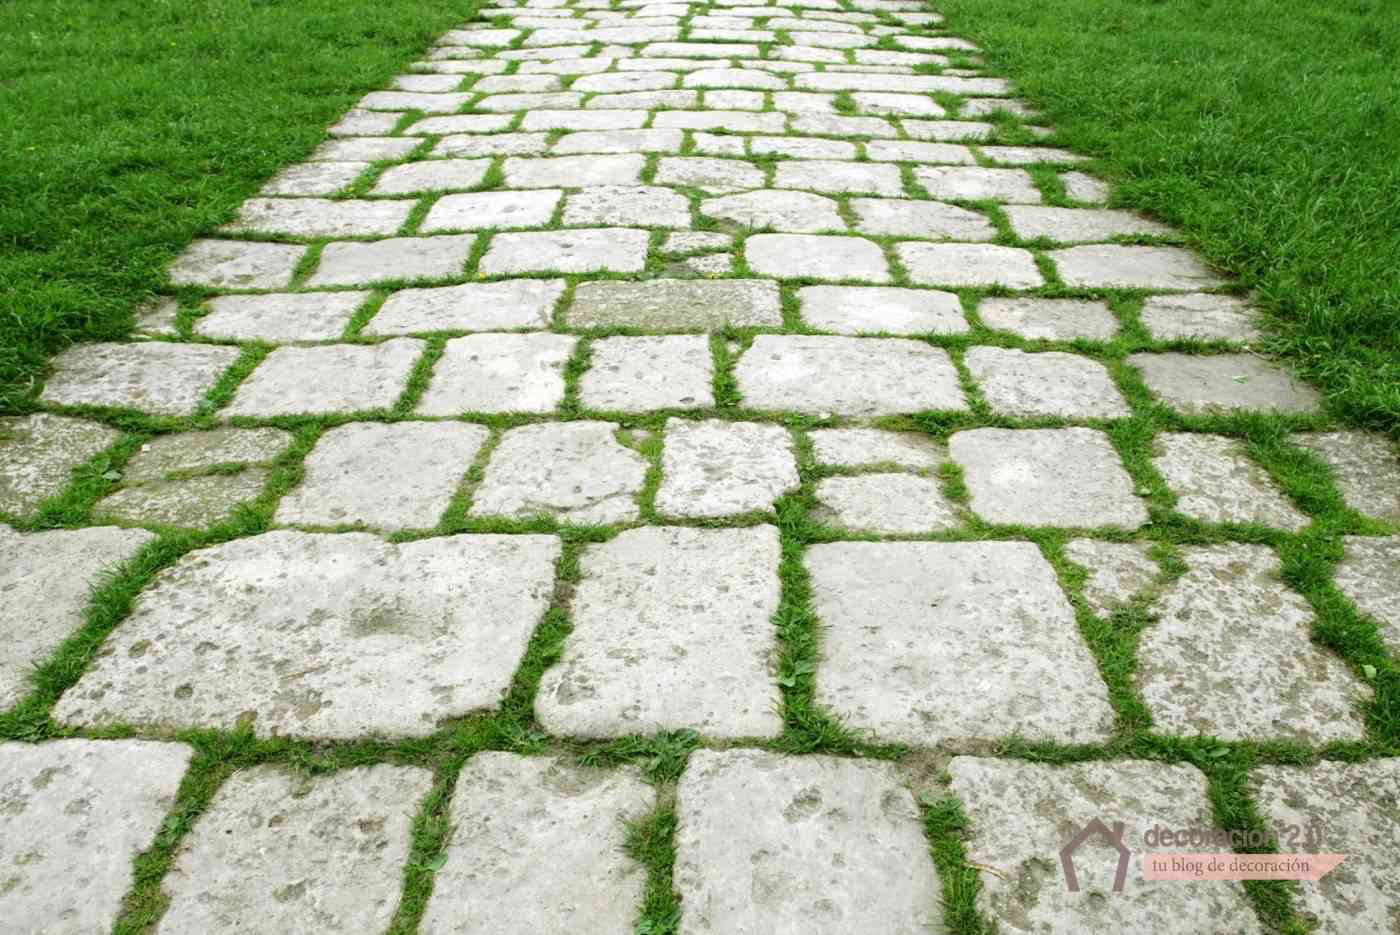 C mo hacer suelo de piedra irregular - Hacer pared de piedra ...